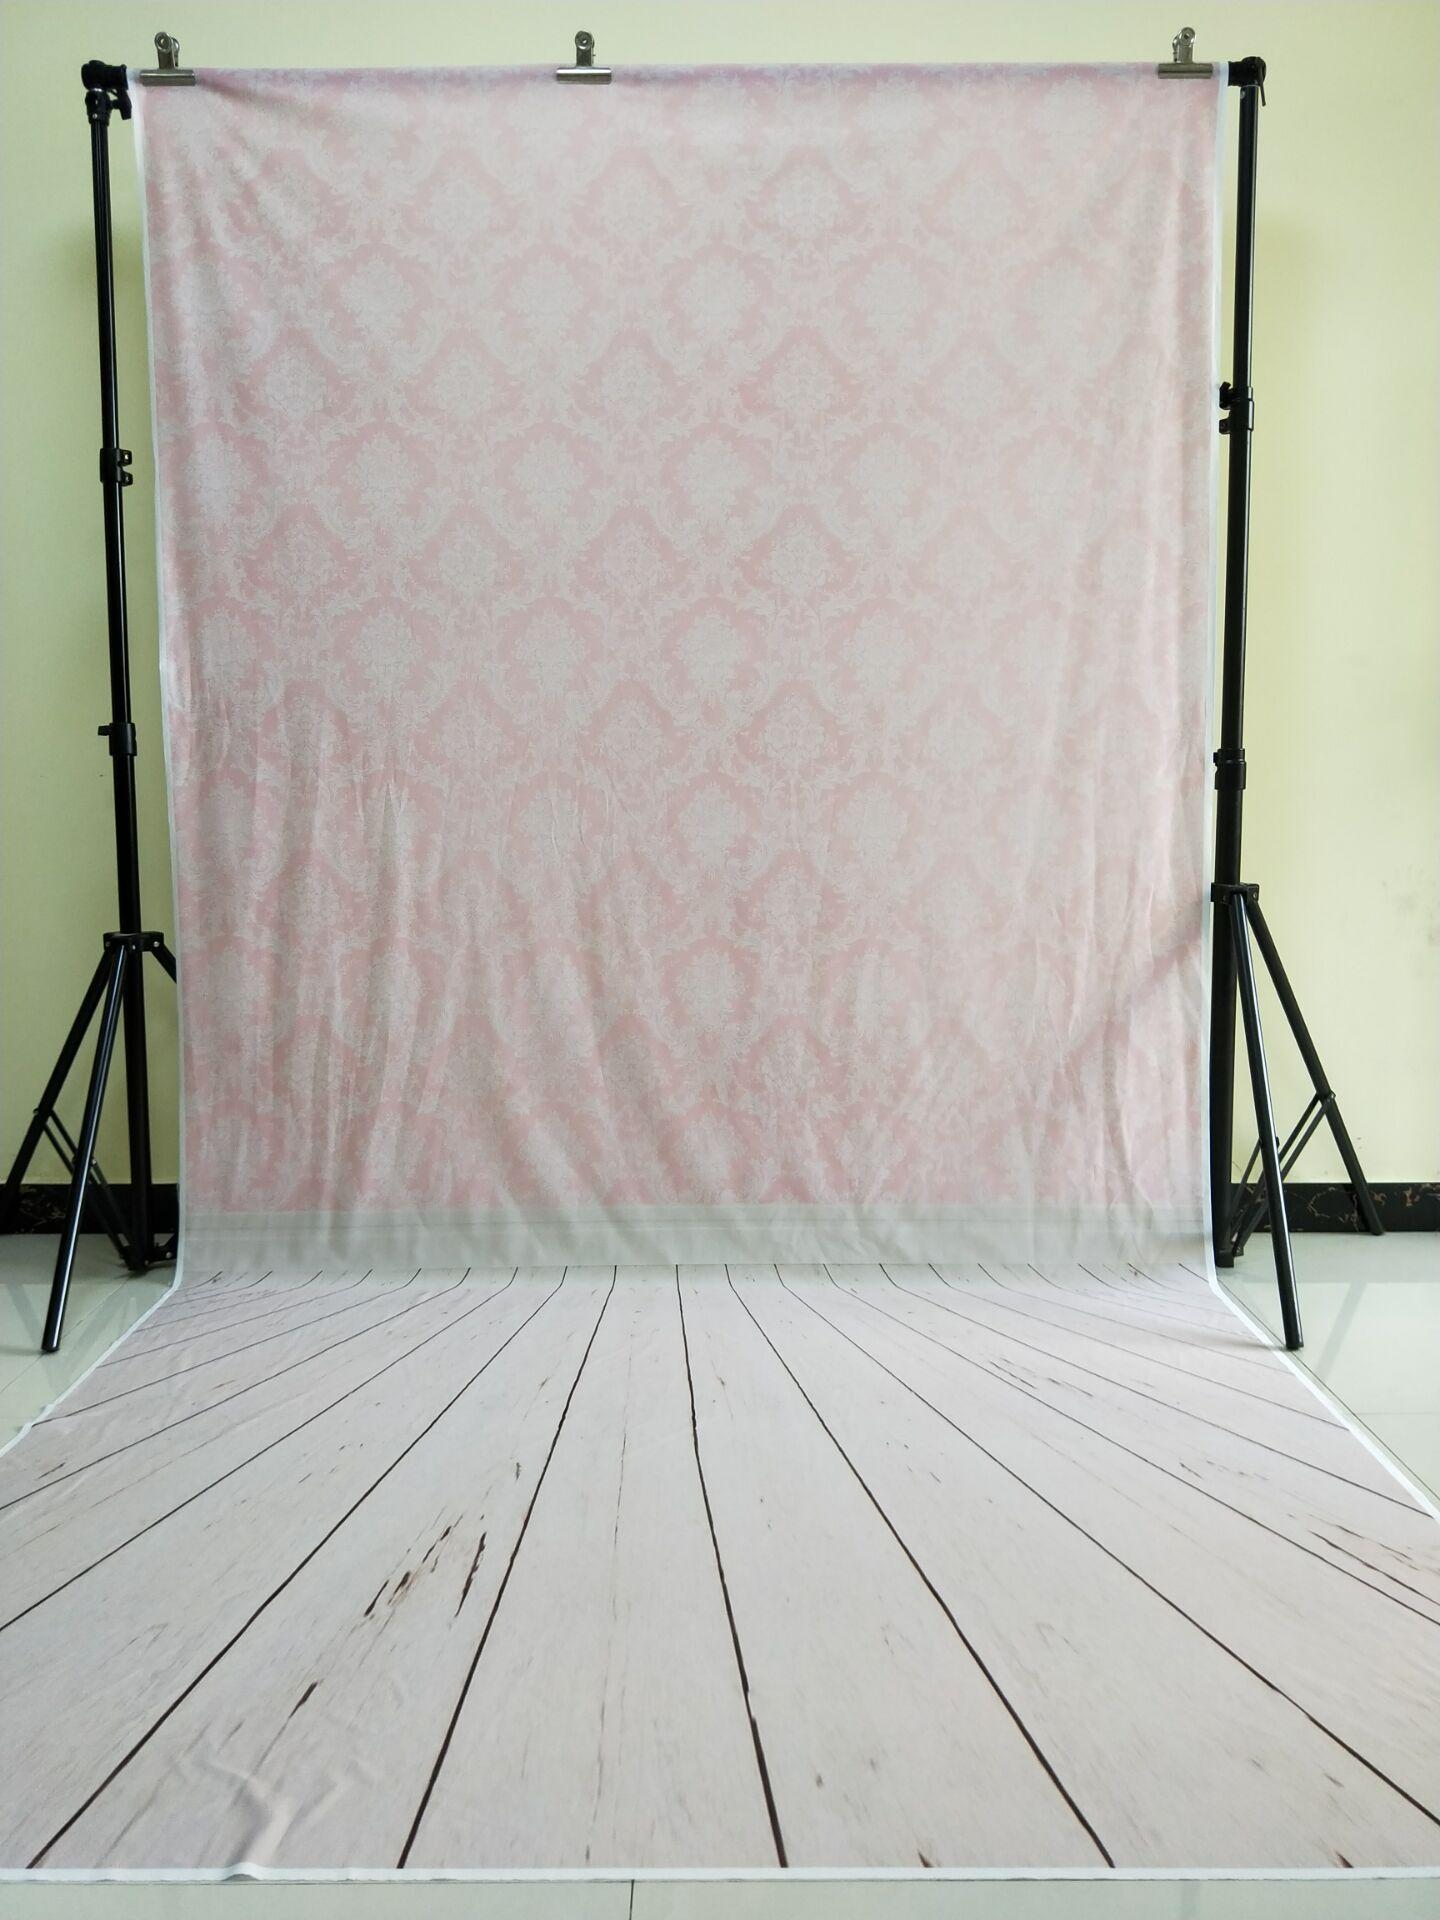 HUAYI 5x10ft coton Polyester rose damassé photographie toile de fond lavable Studios Photo bébé accessoires fond KP-052